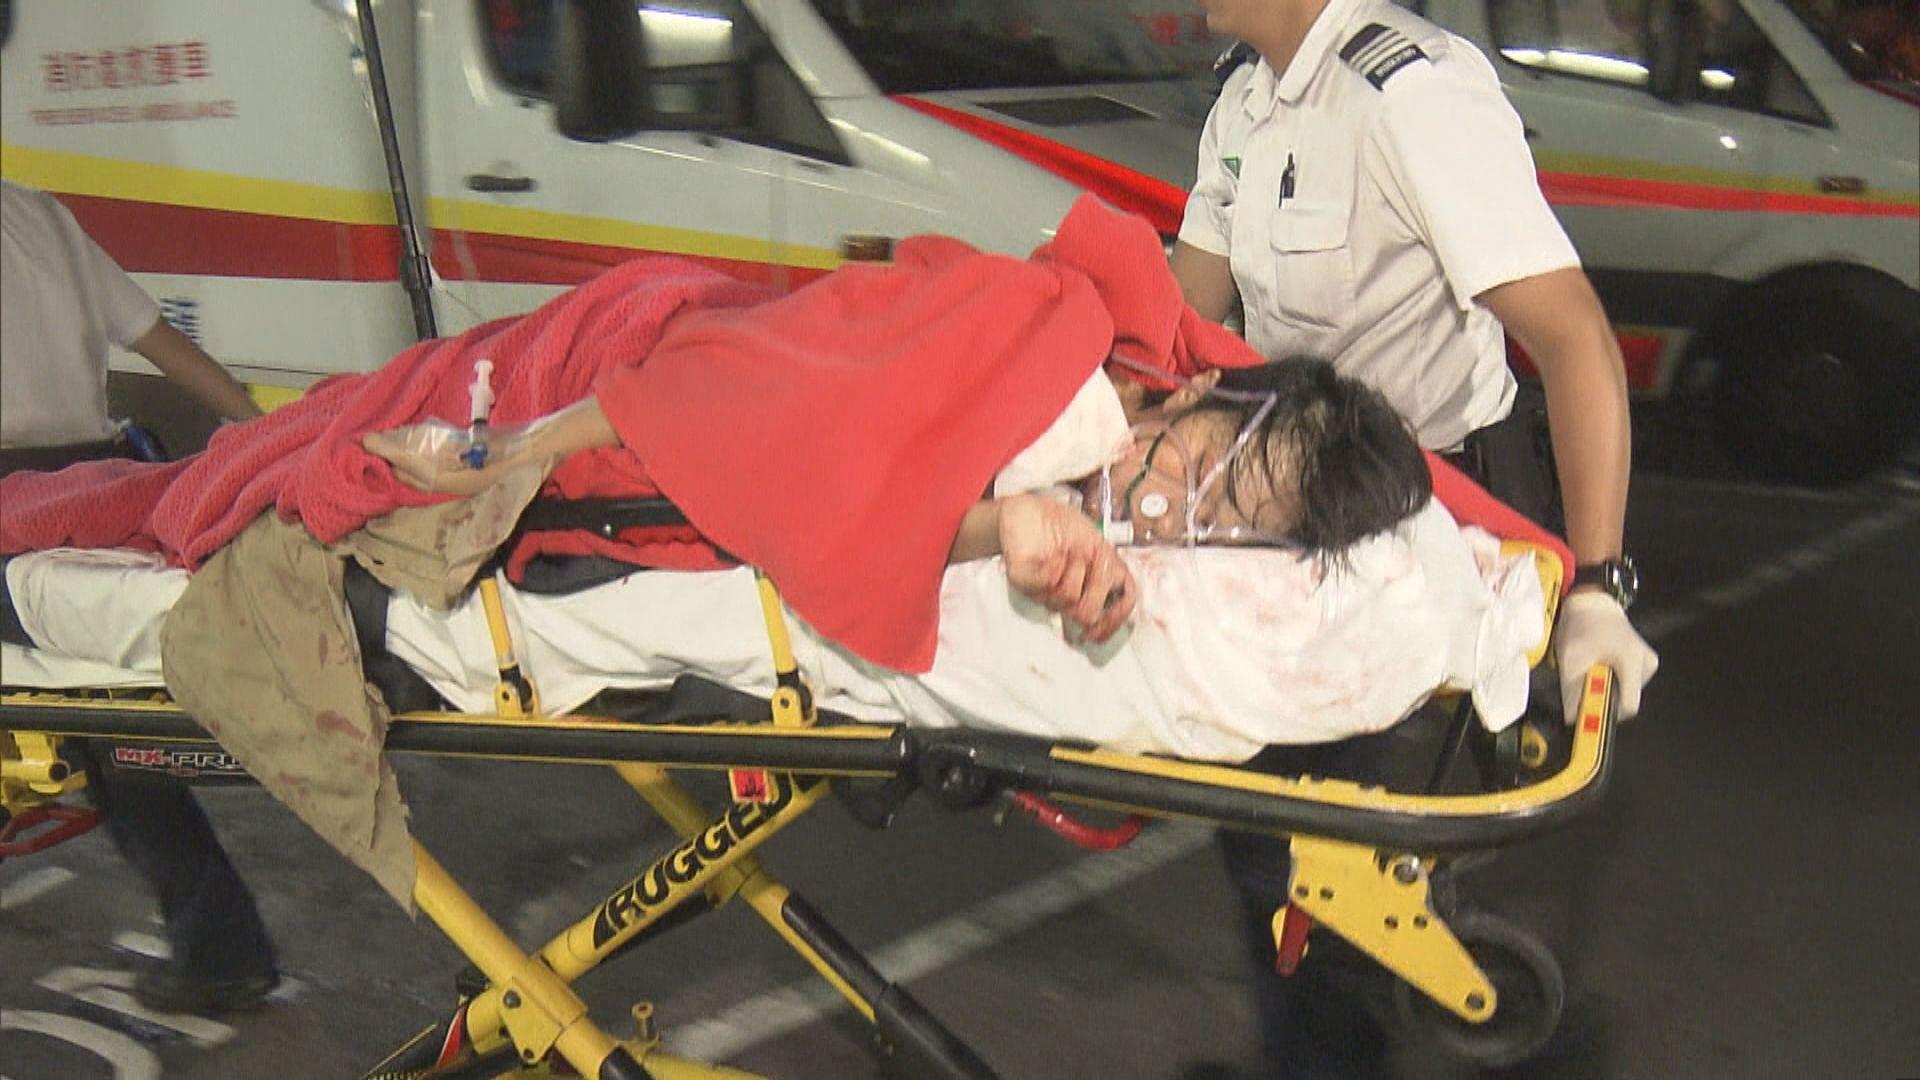 將軍澳傷人案三名青年受傷送院